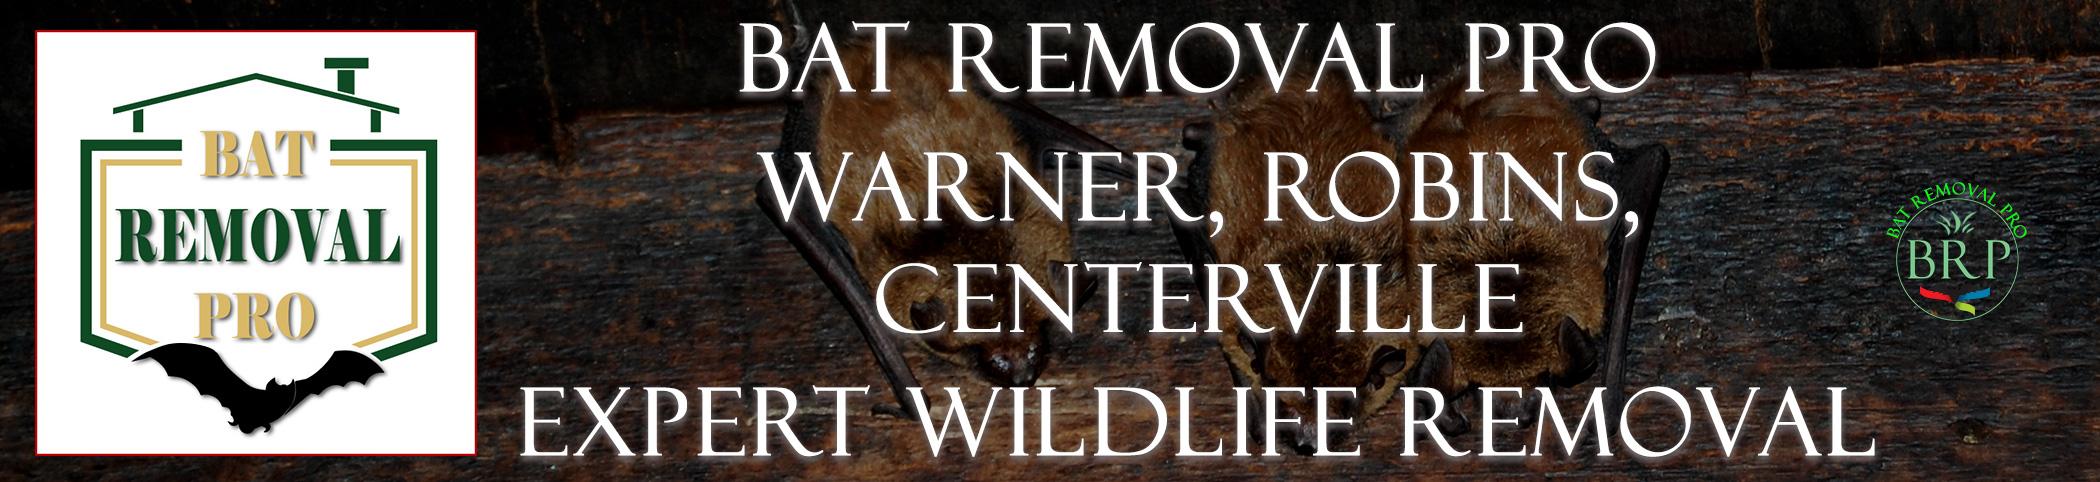 Warner-Robins-Centerville-bat-removal-at-bat-removal-pro-header-image